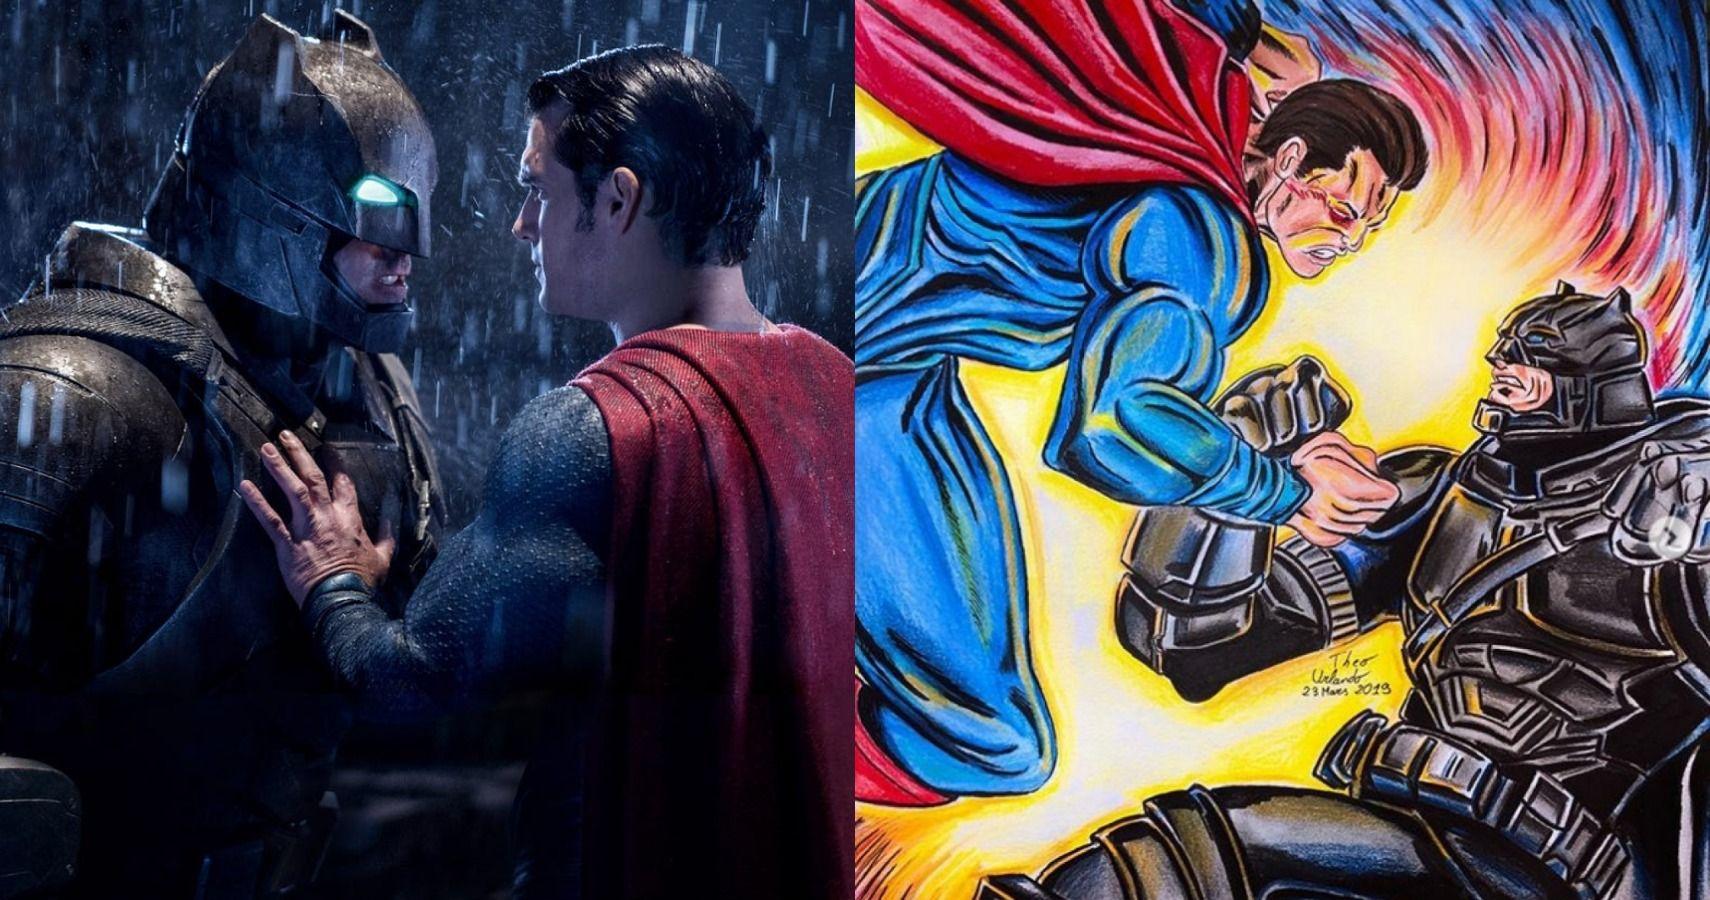 10 Heroic Batman V Superman Fan Art Pictures We Adore